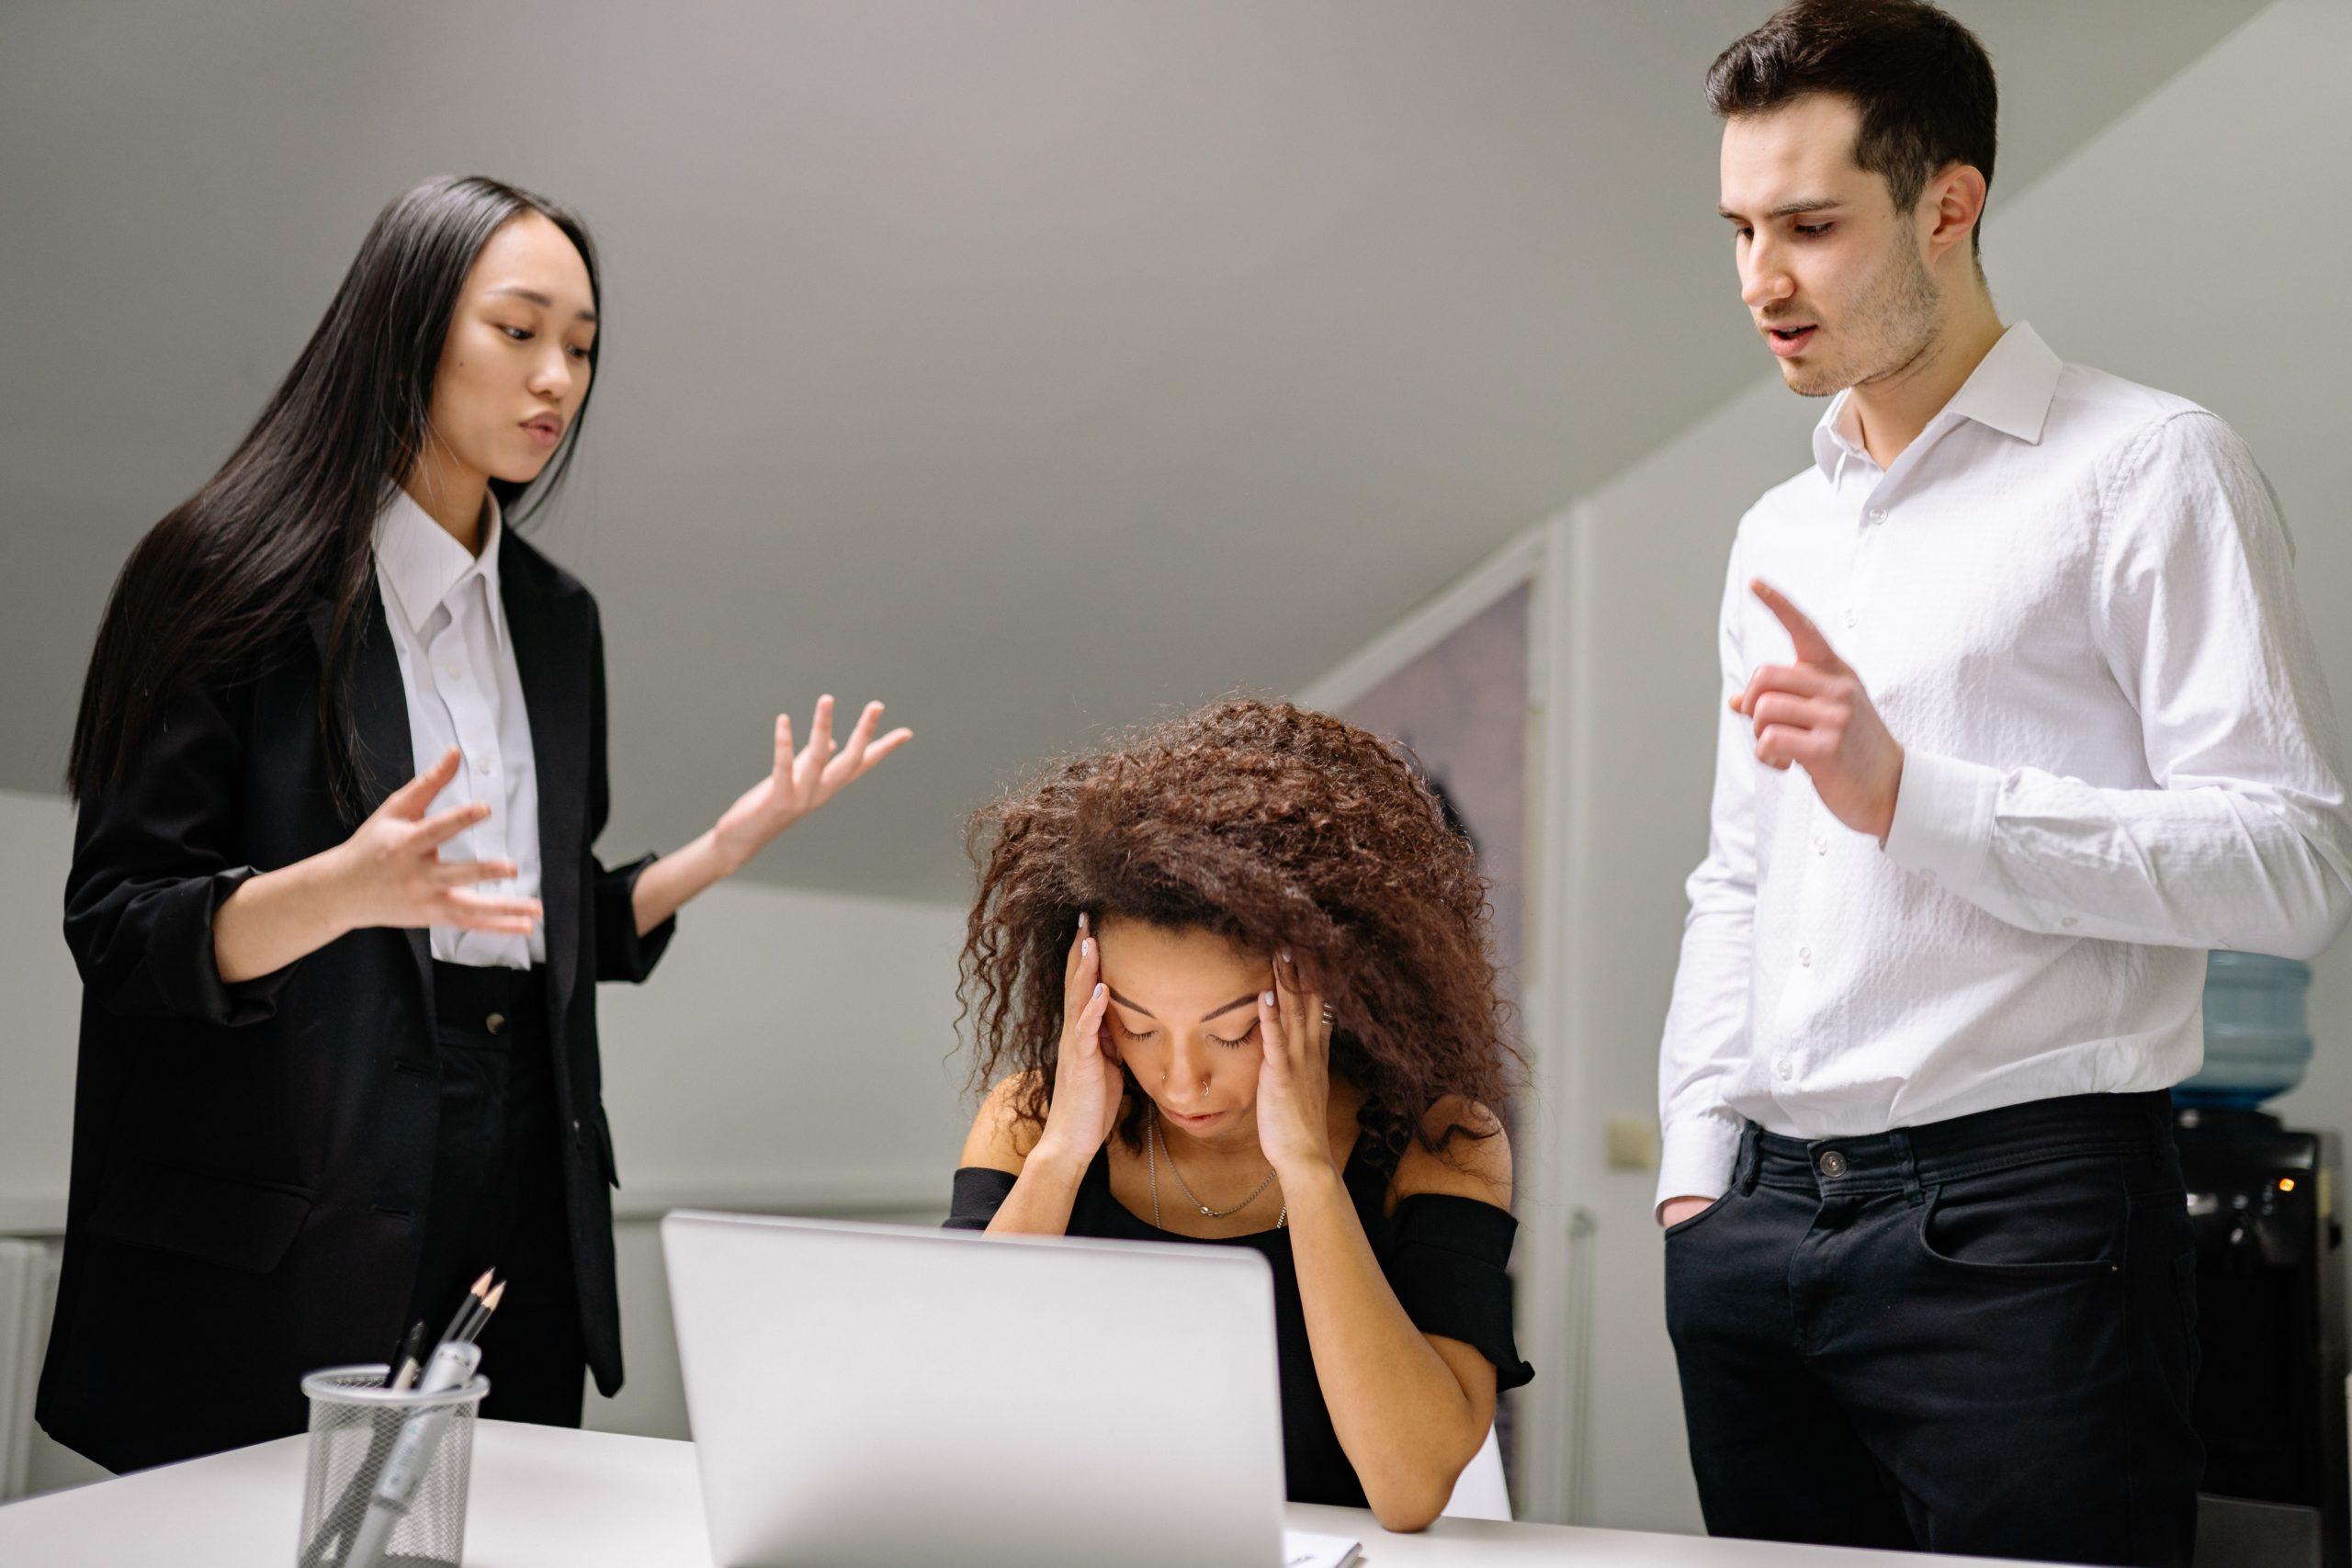 émotions au travail